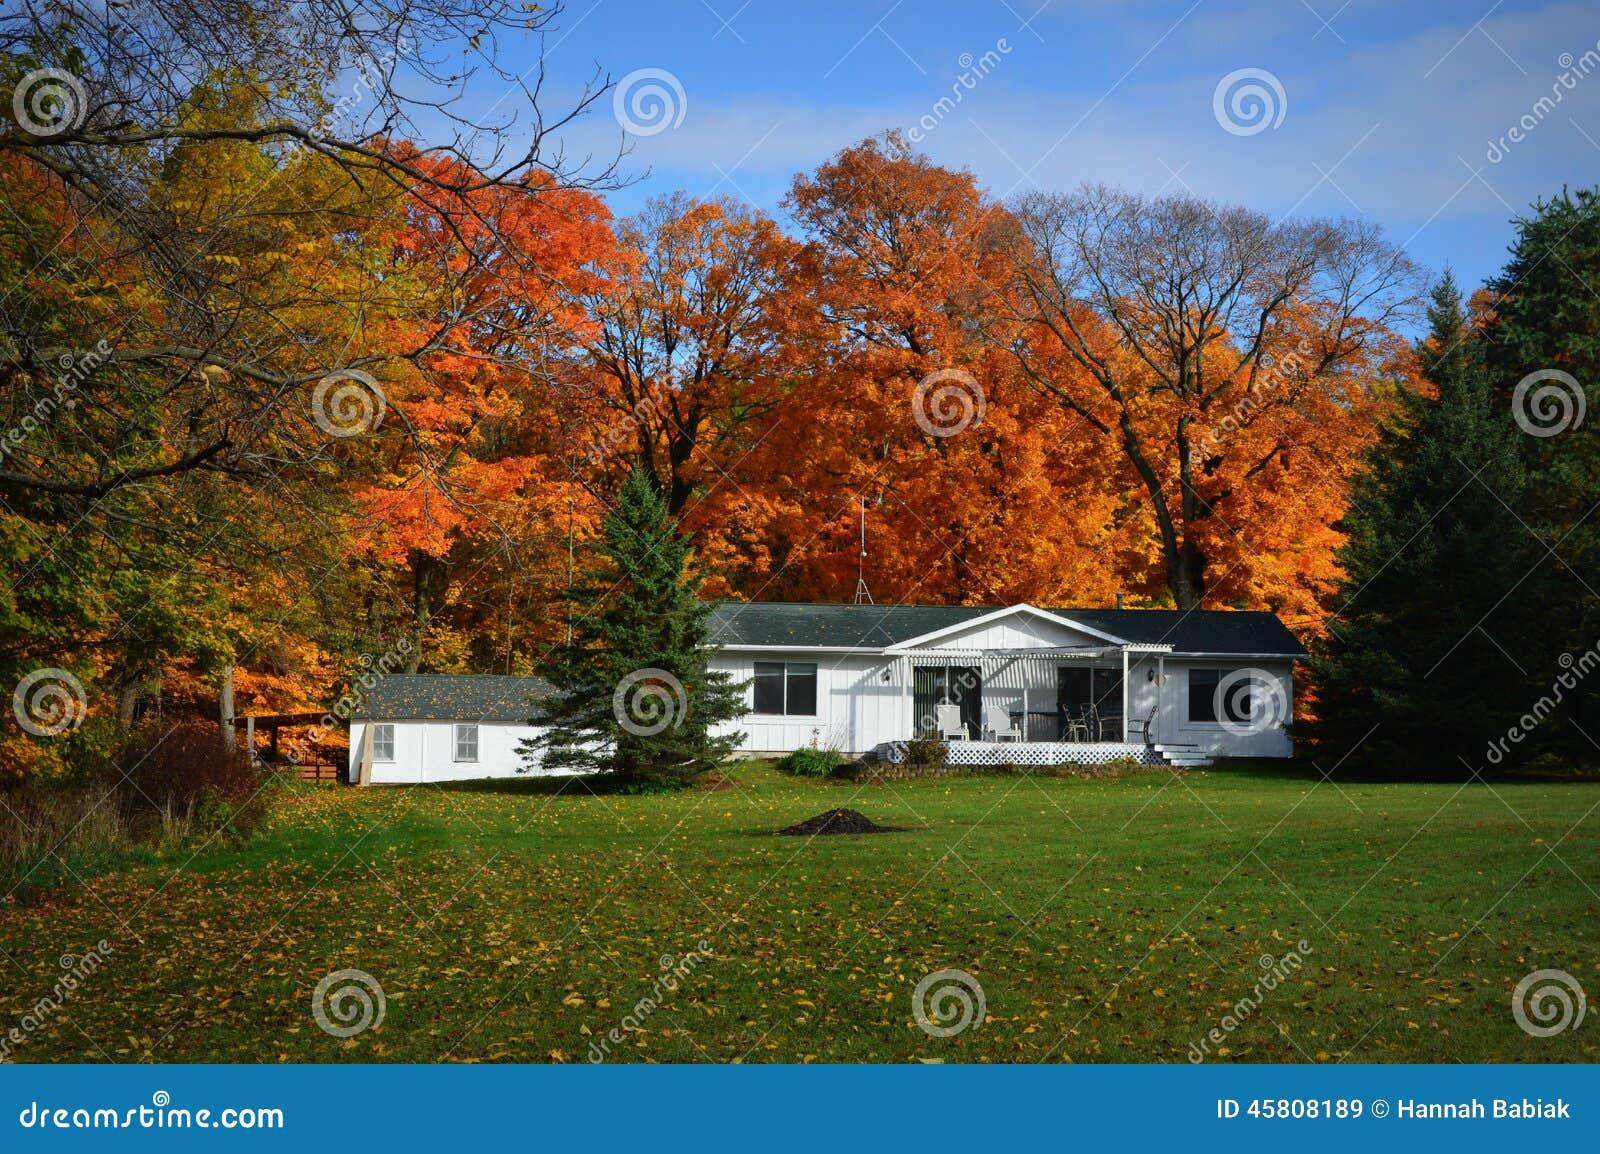 maison blanche de ranch couleurs de pays d 39 automne photo stock image 45808189. Black Bedroom Furniture Sets. Home Design Ideas